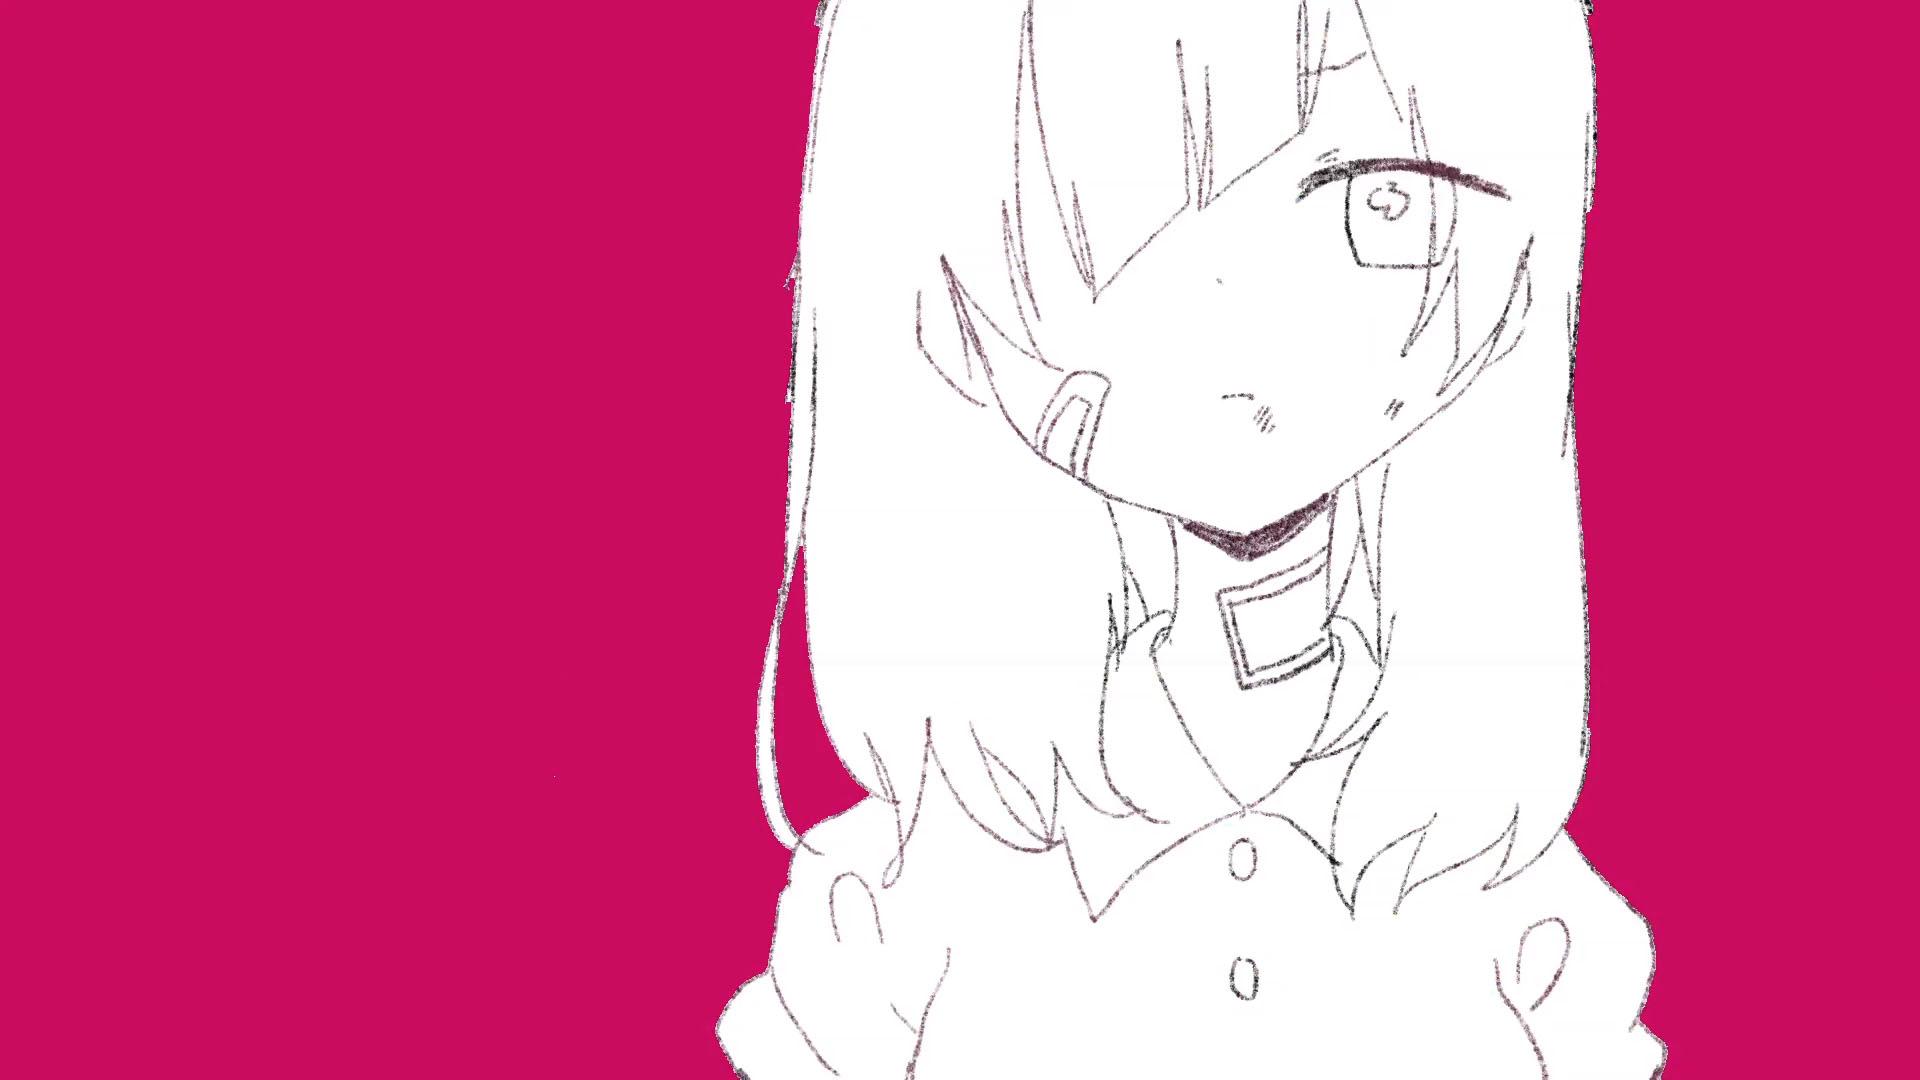 Aaでも空に焦がれる (aa Demo Sora ni Kogareru)